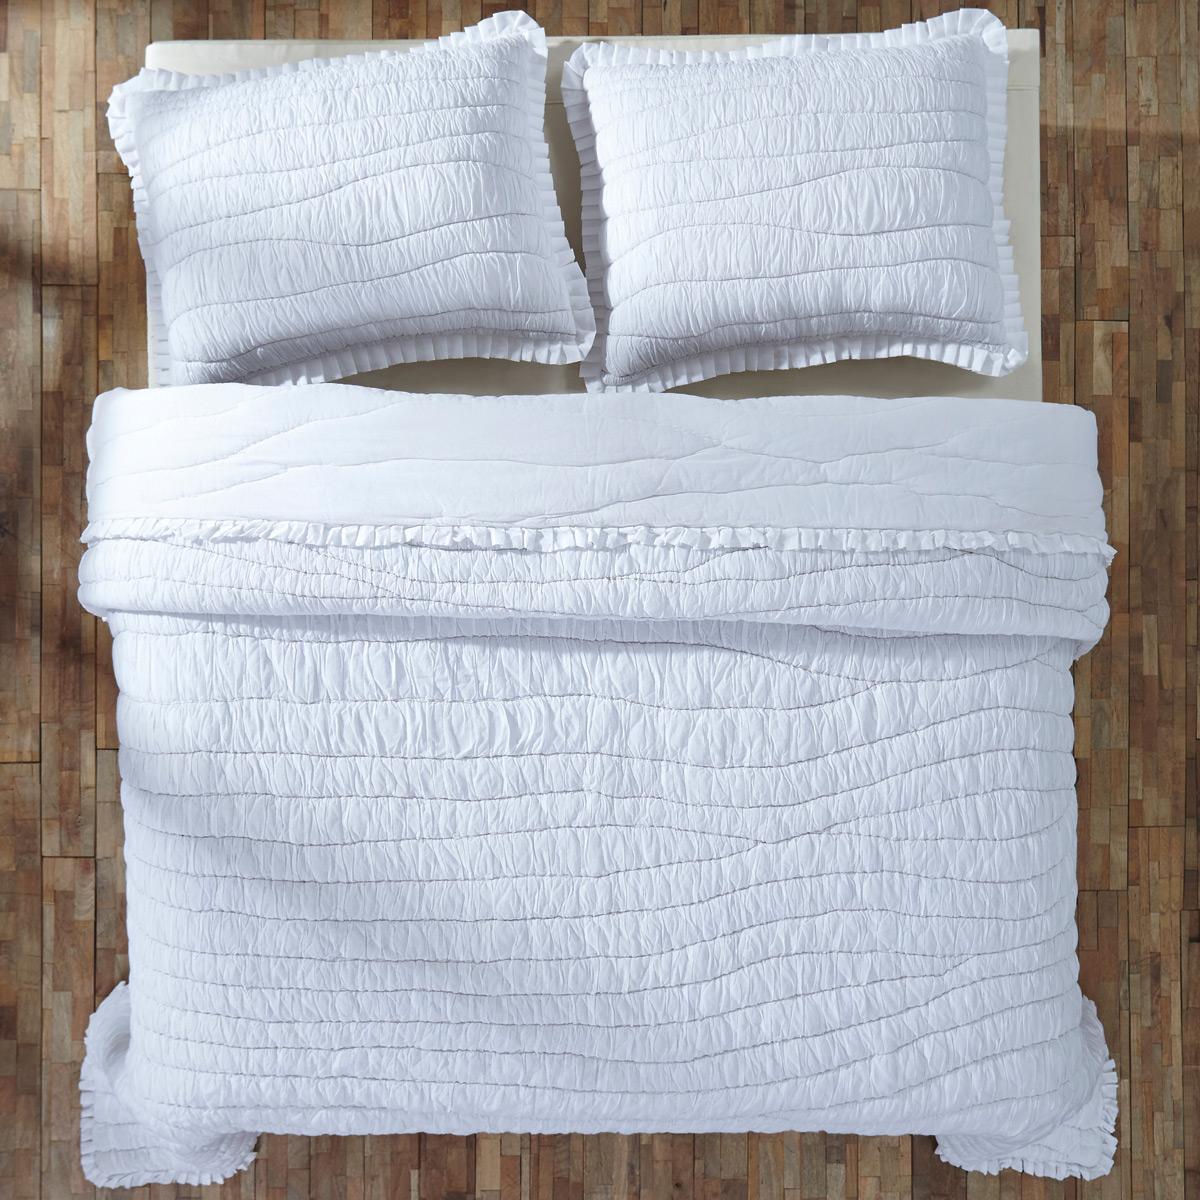 Aurora Quilt, Shabby Chic Bedding, by VHC Brands